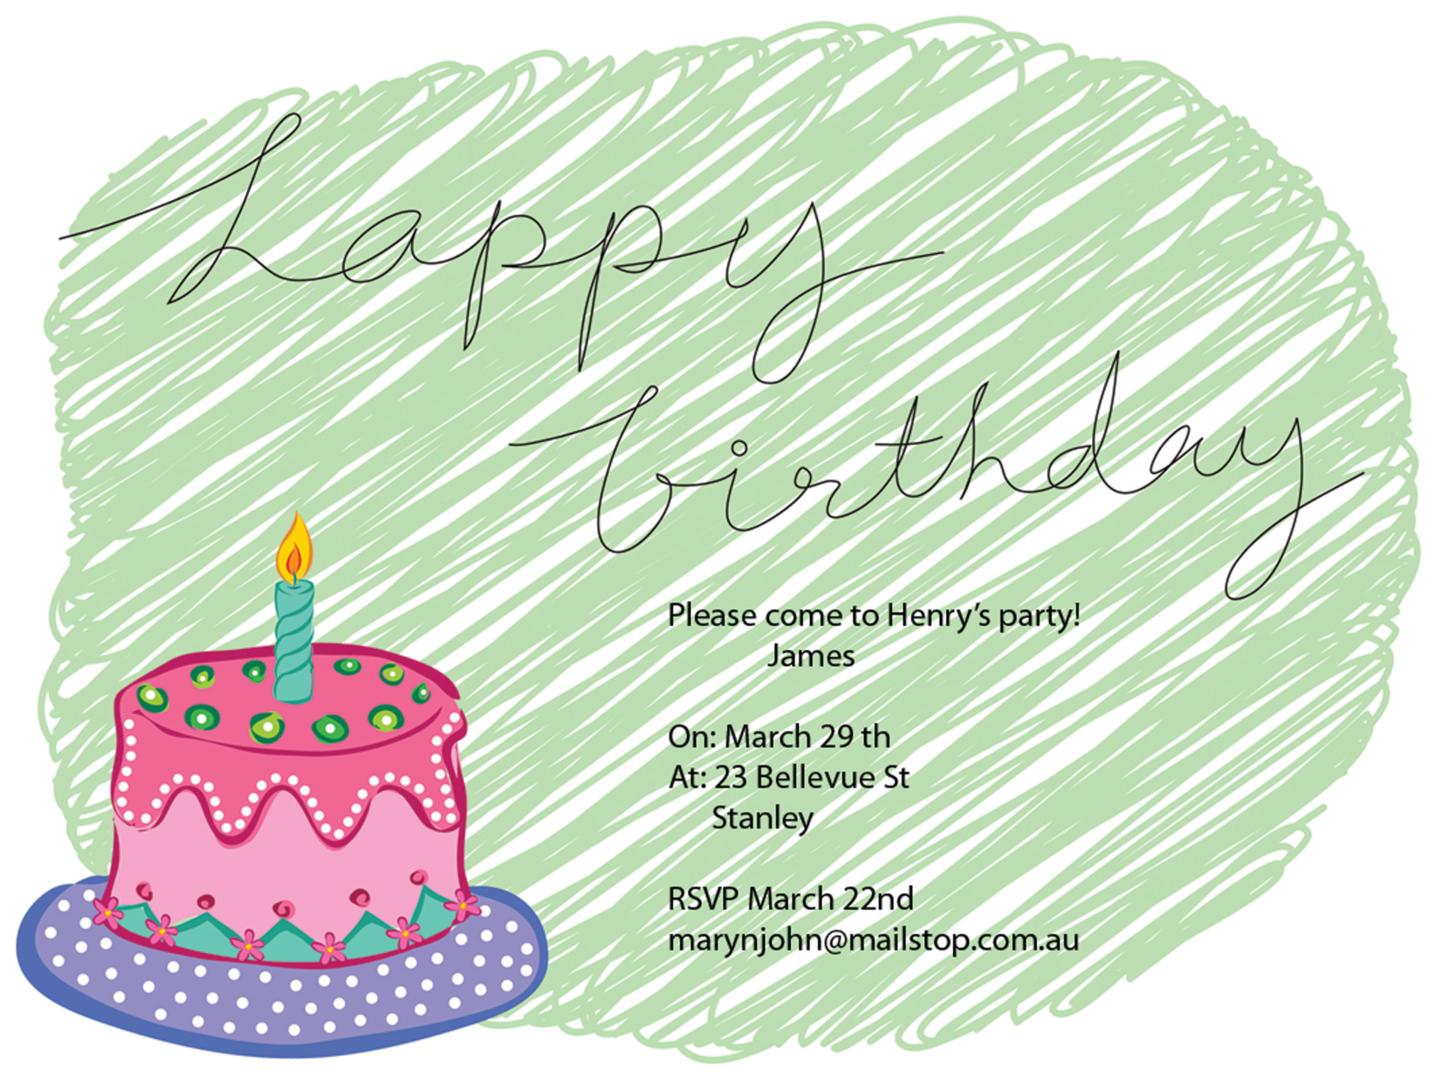 Invitation-note-happy-birthday-small